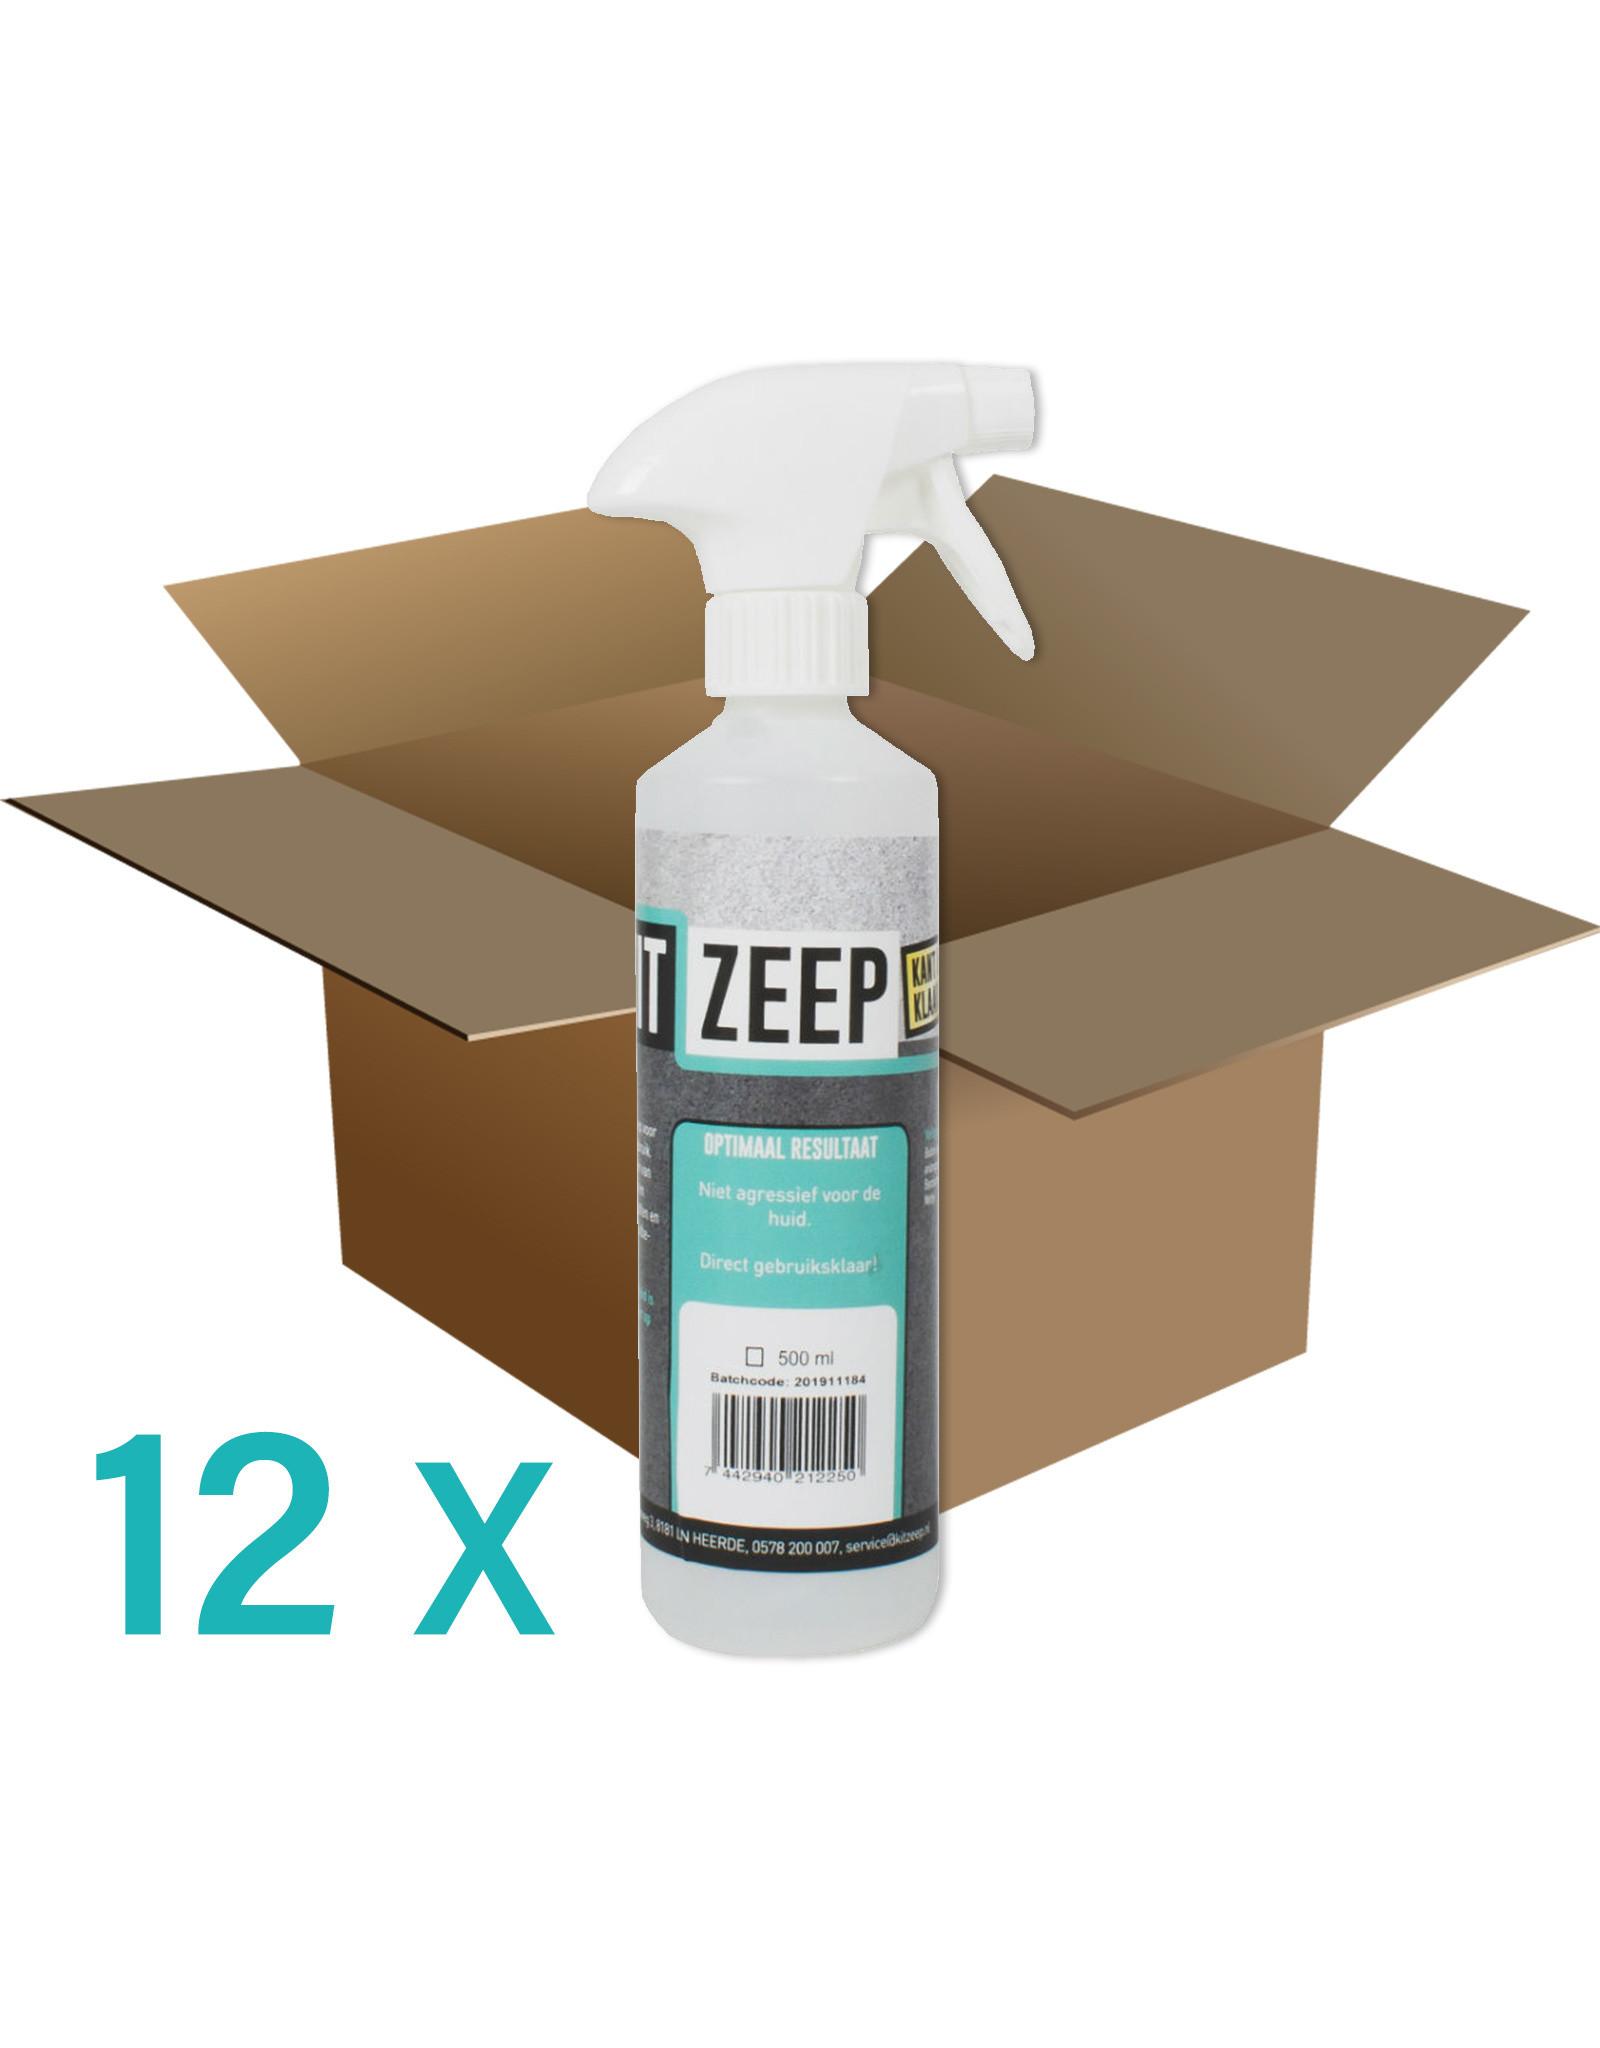 Kitzeep Kant & Klaar doos 12 stuks